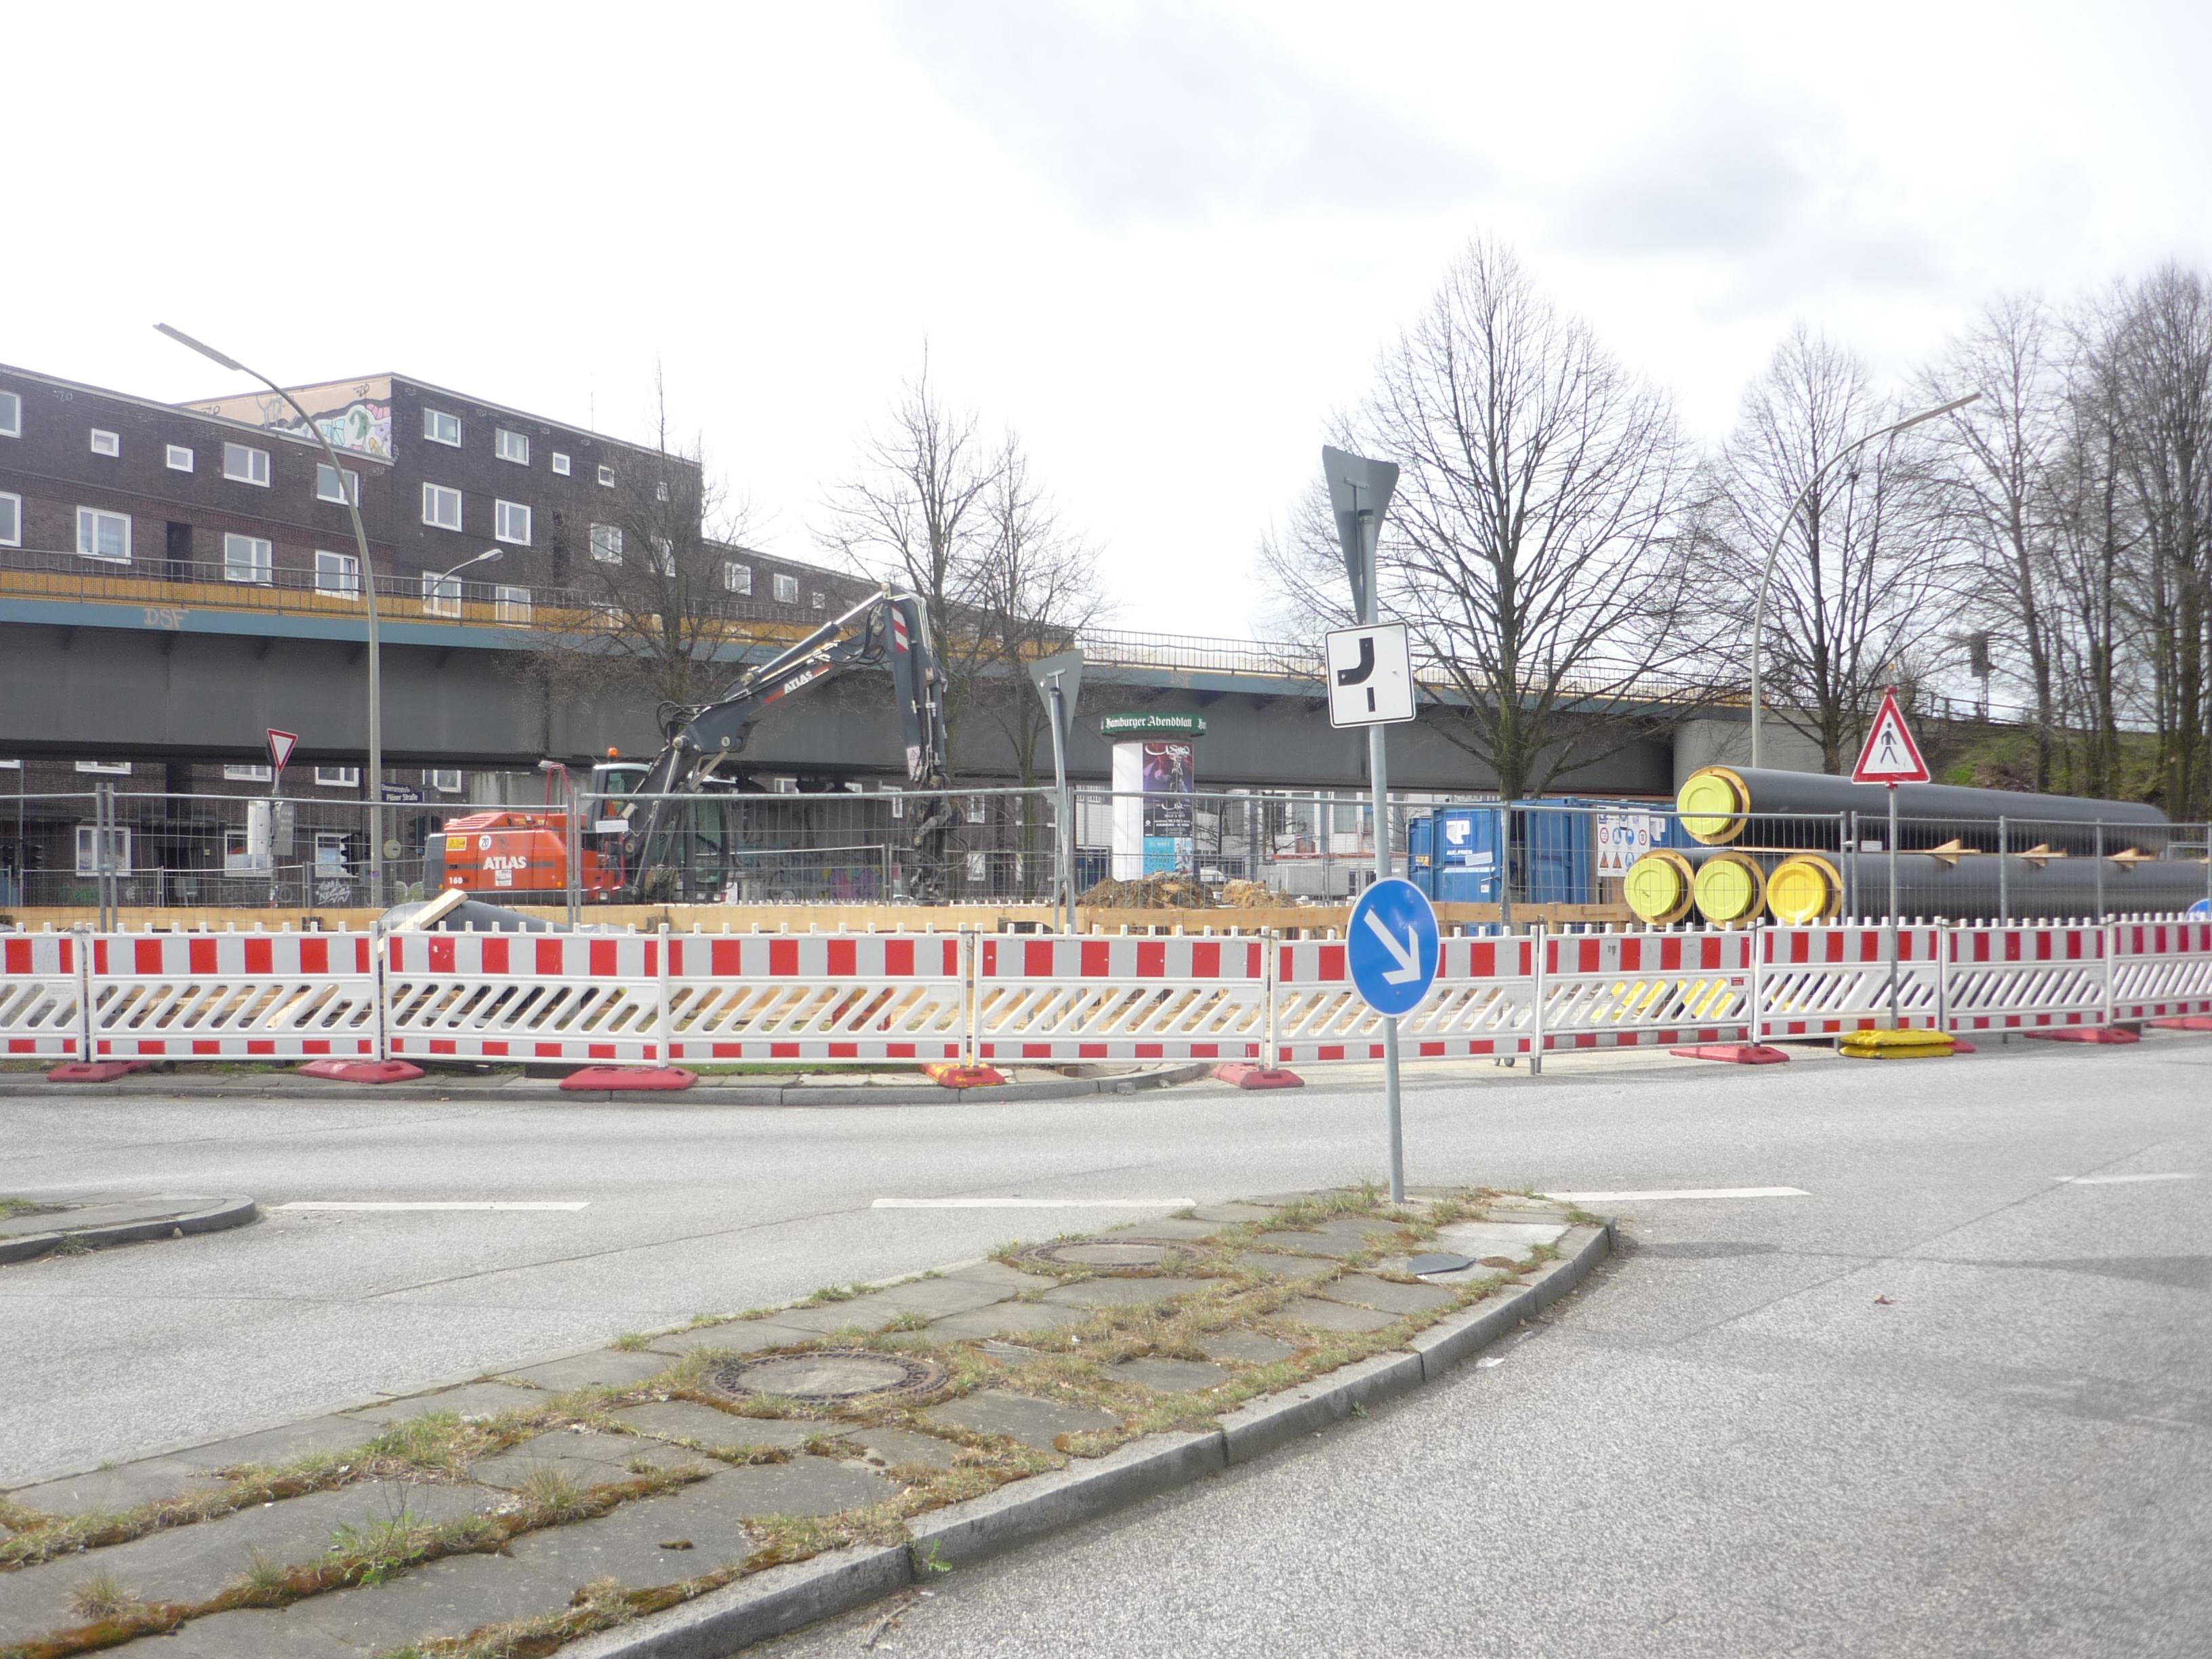 Baustelle an der Stresemannstraße - Mathilde mag sie nicht